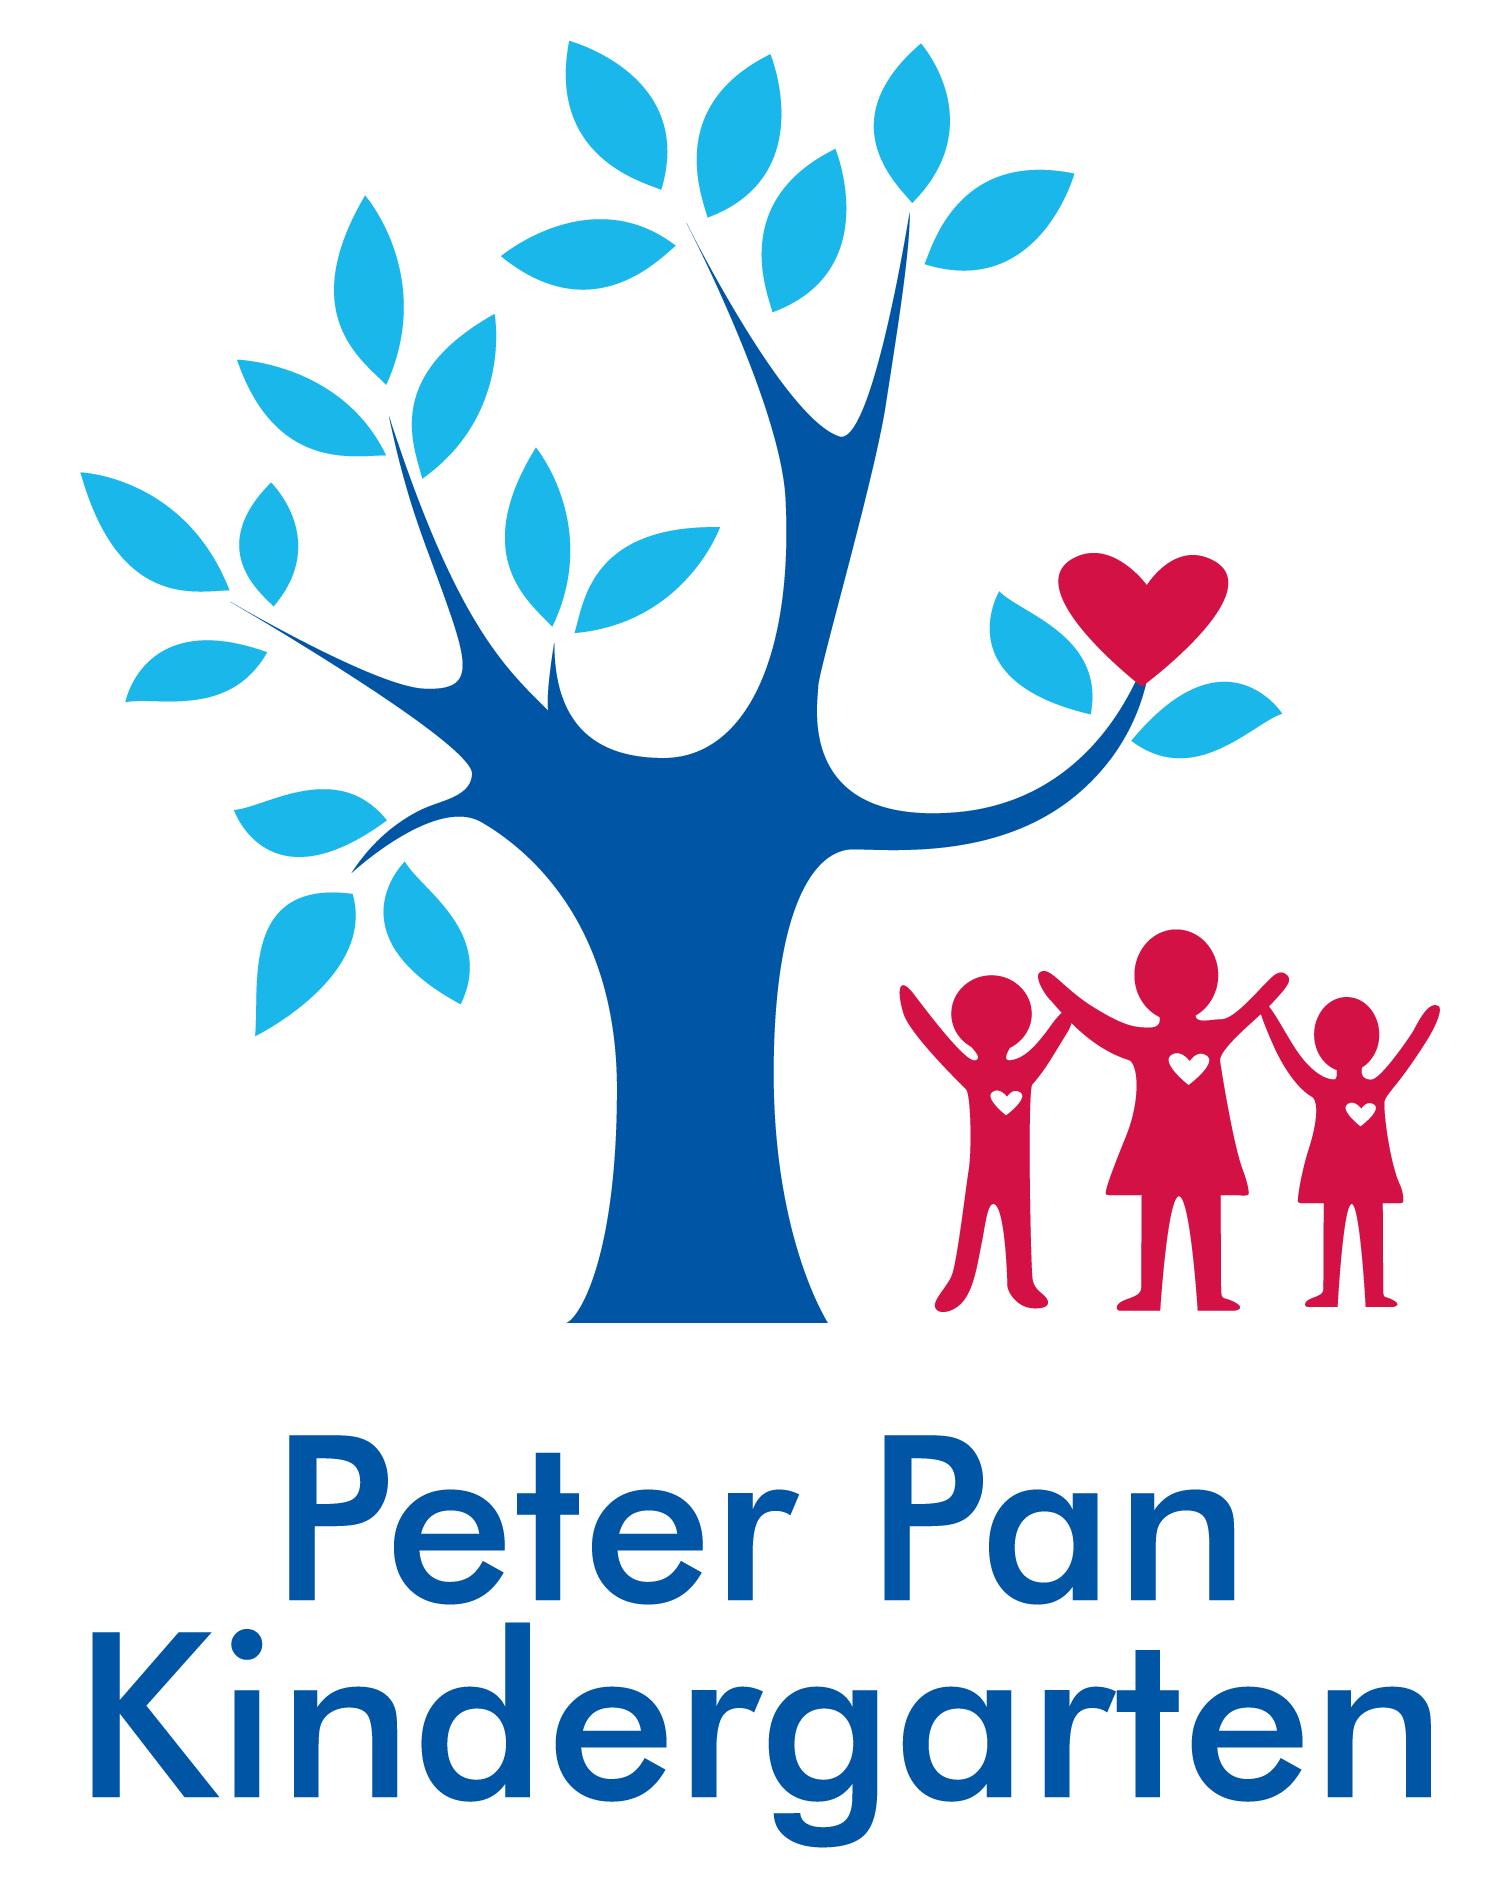 Peter Pan Kindergarten Caringbah